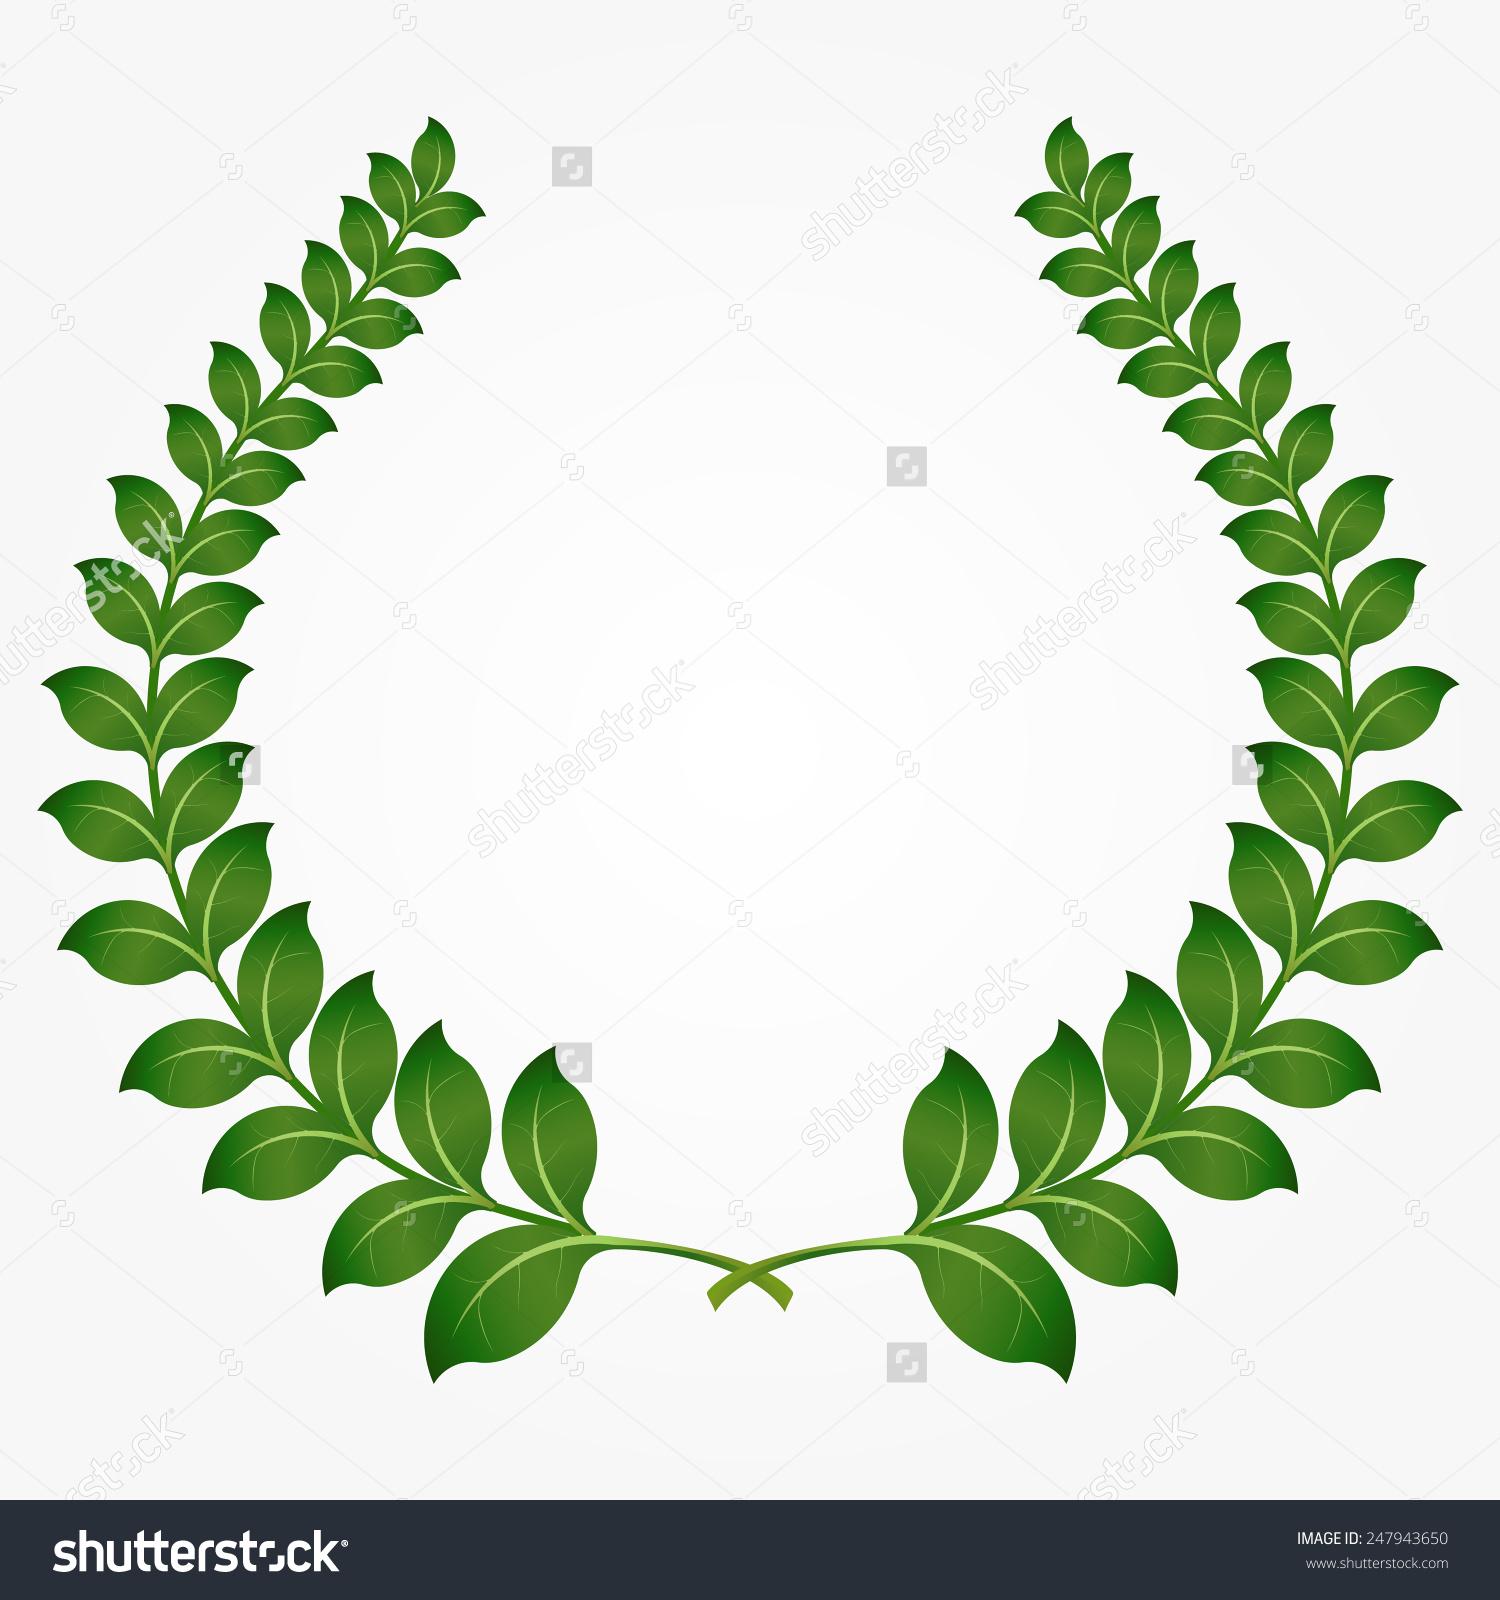 Round Green Laurel Wreaths Laurel Branch Stock Vector 247943650.